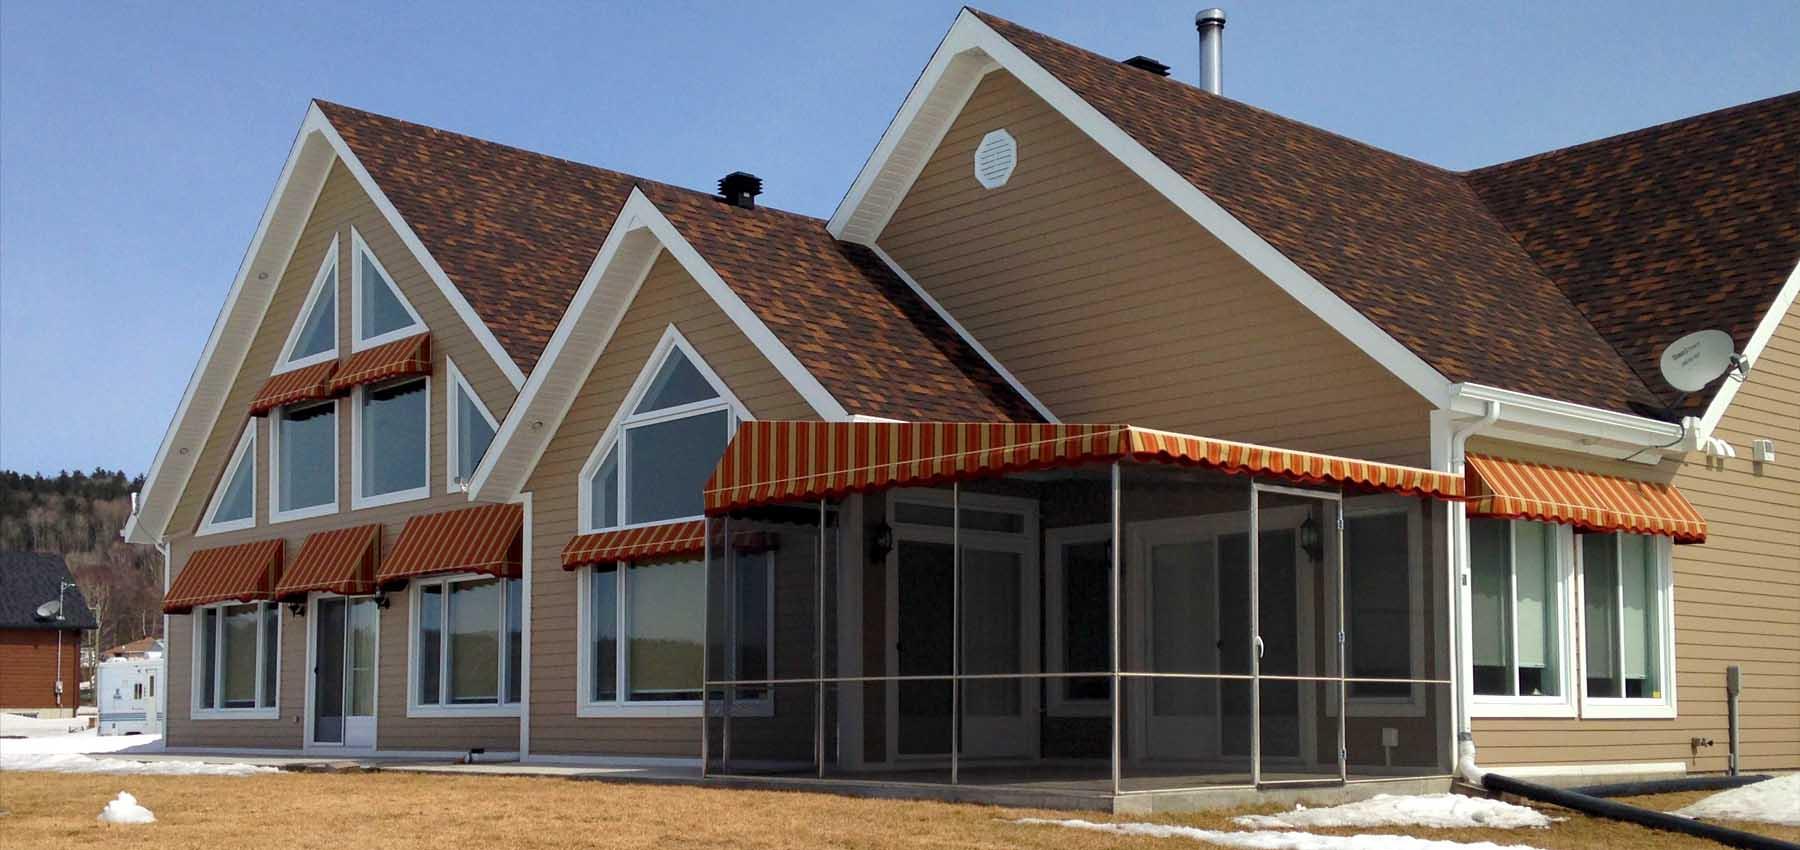 Nishore Auvent Store Auvent Lat/éral R/étractable L x H Auvent Store Lat/éral en Tissu pour Jardin ou Balcon 600 x 160 cm